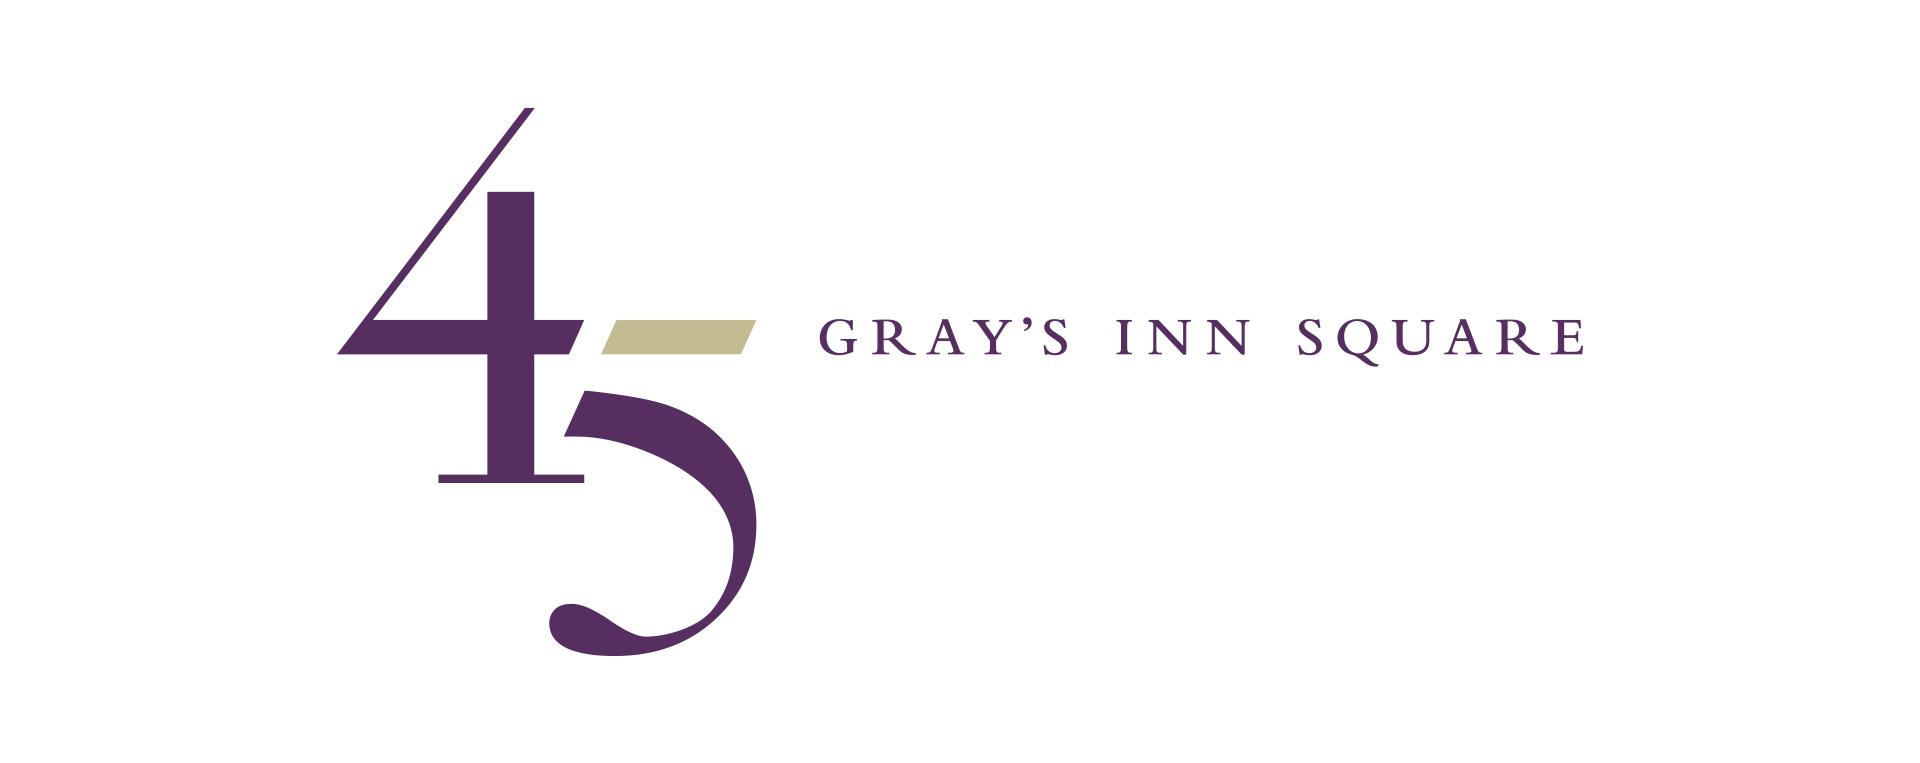 4-5 Gray's Inn Square